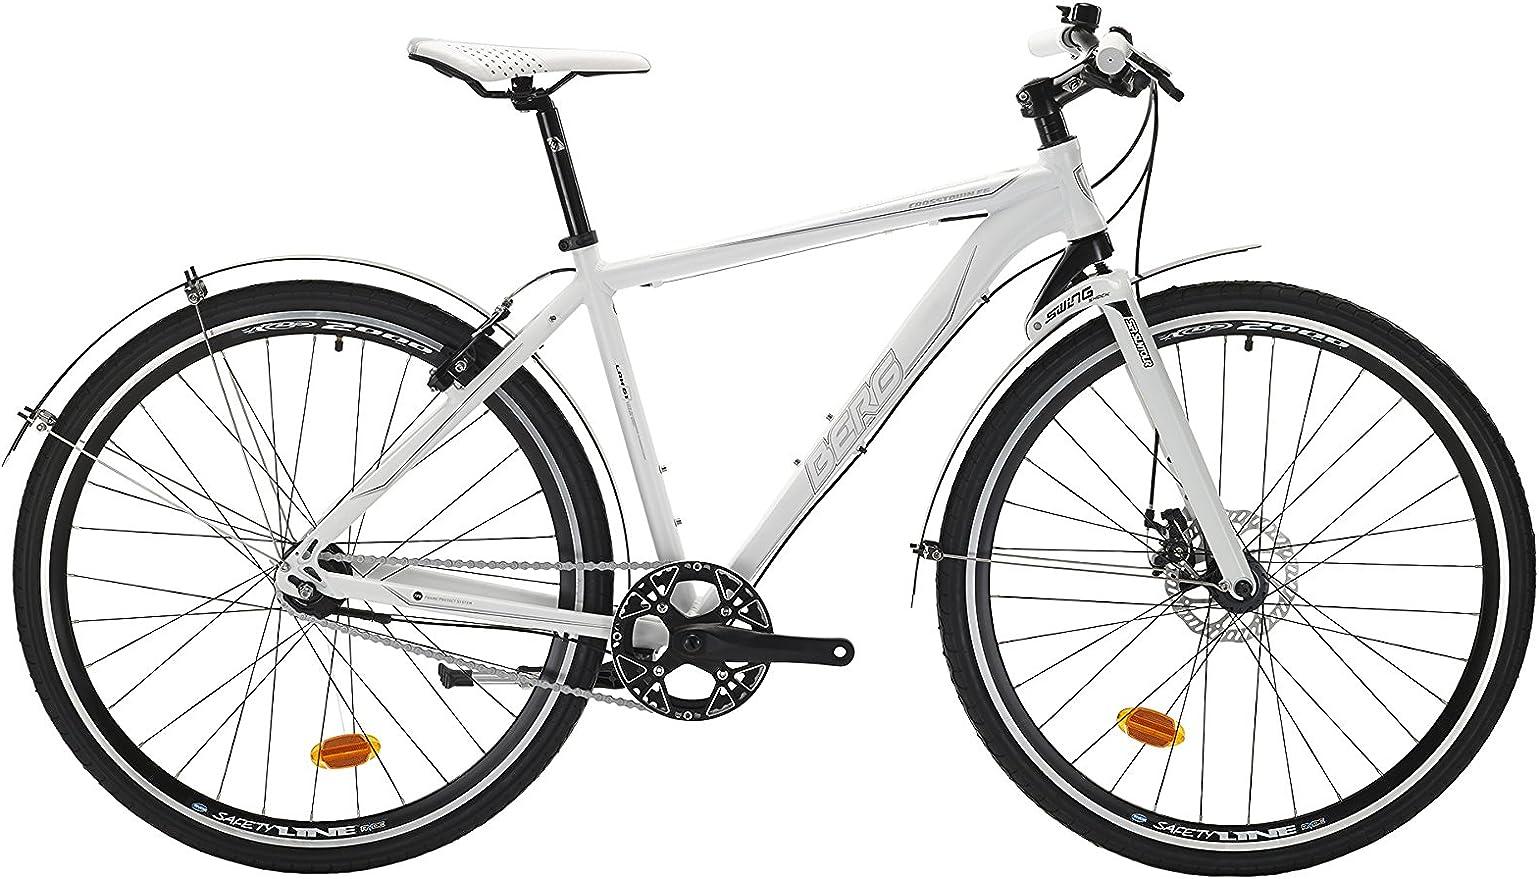 Berg Bicicleta Crosstown F6 Nexus 5 Blanco: Amazon.es: Deportes y aire libre